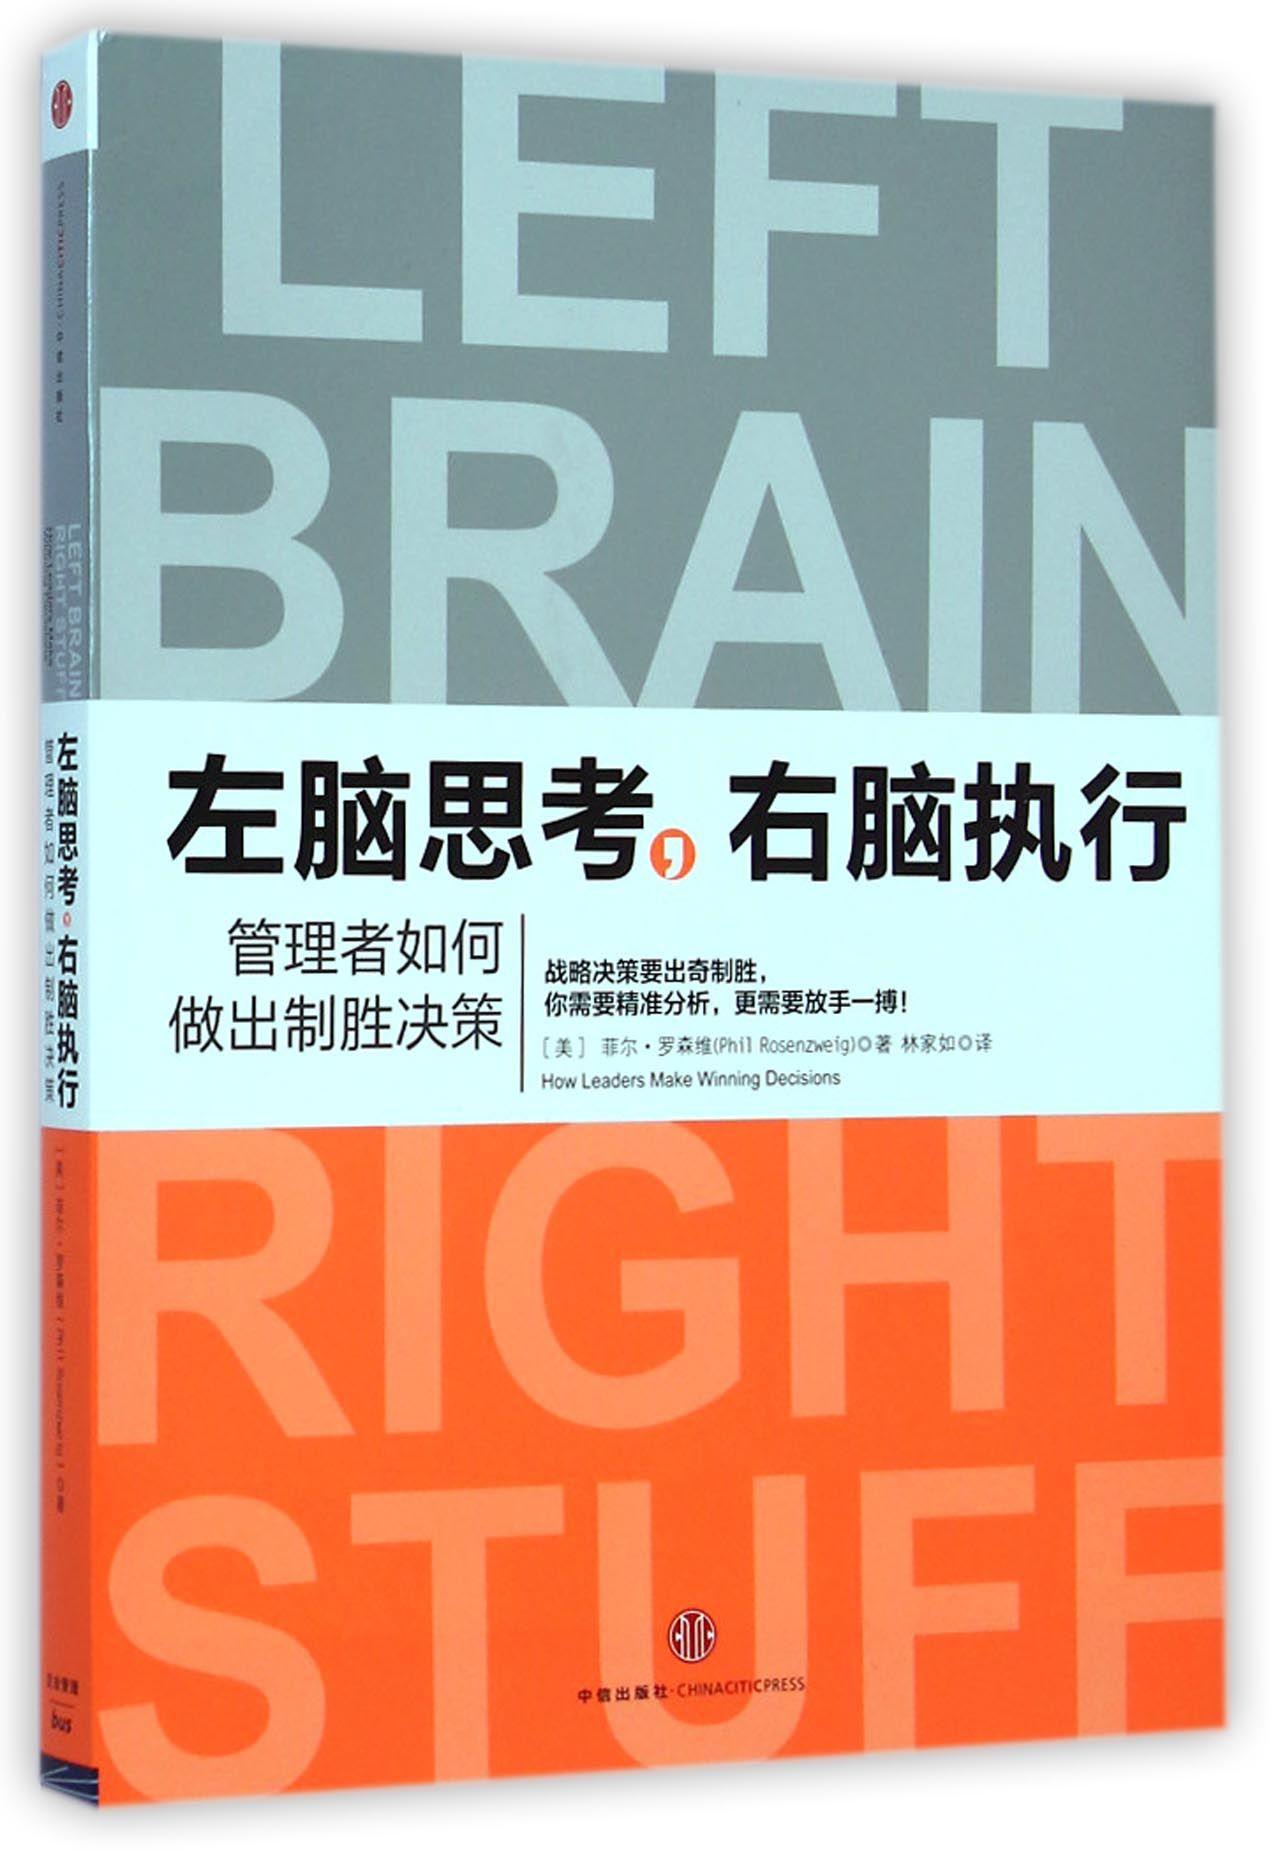 左脑思考右脑执行(管理者如何做出制胜决策)